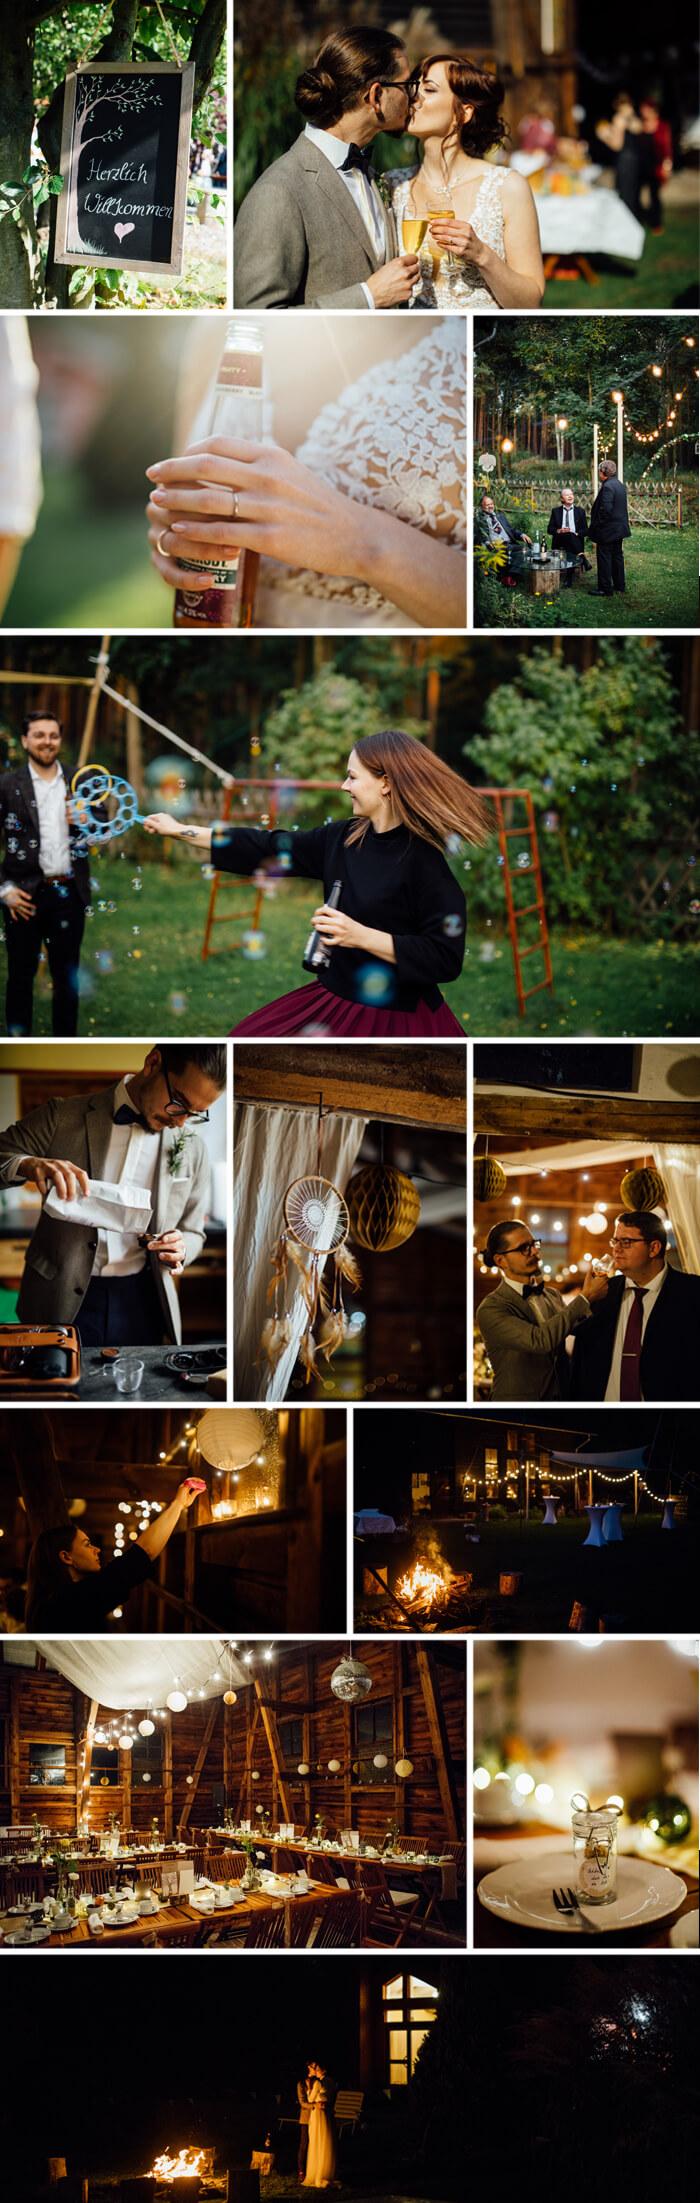 Lockere Hochzeitsfeier